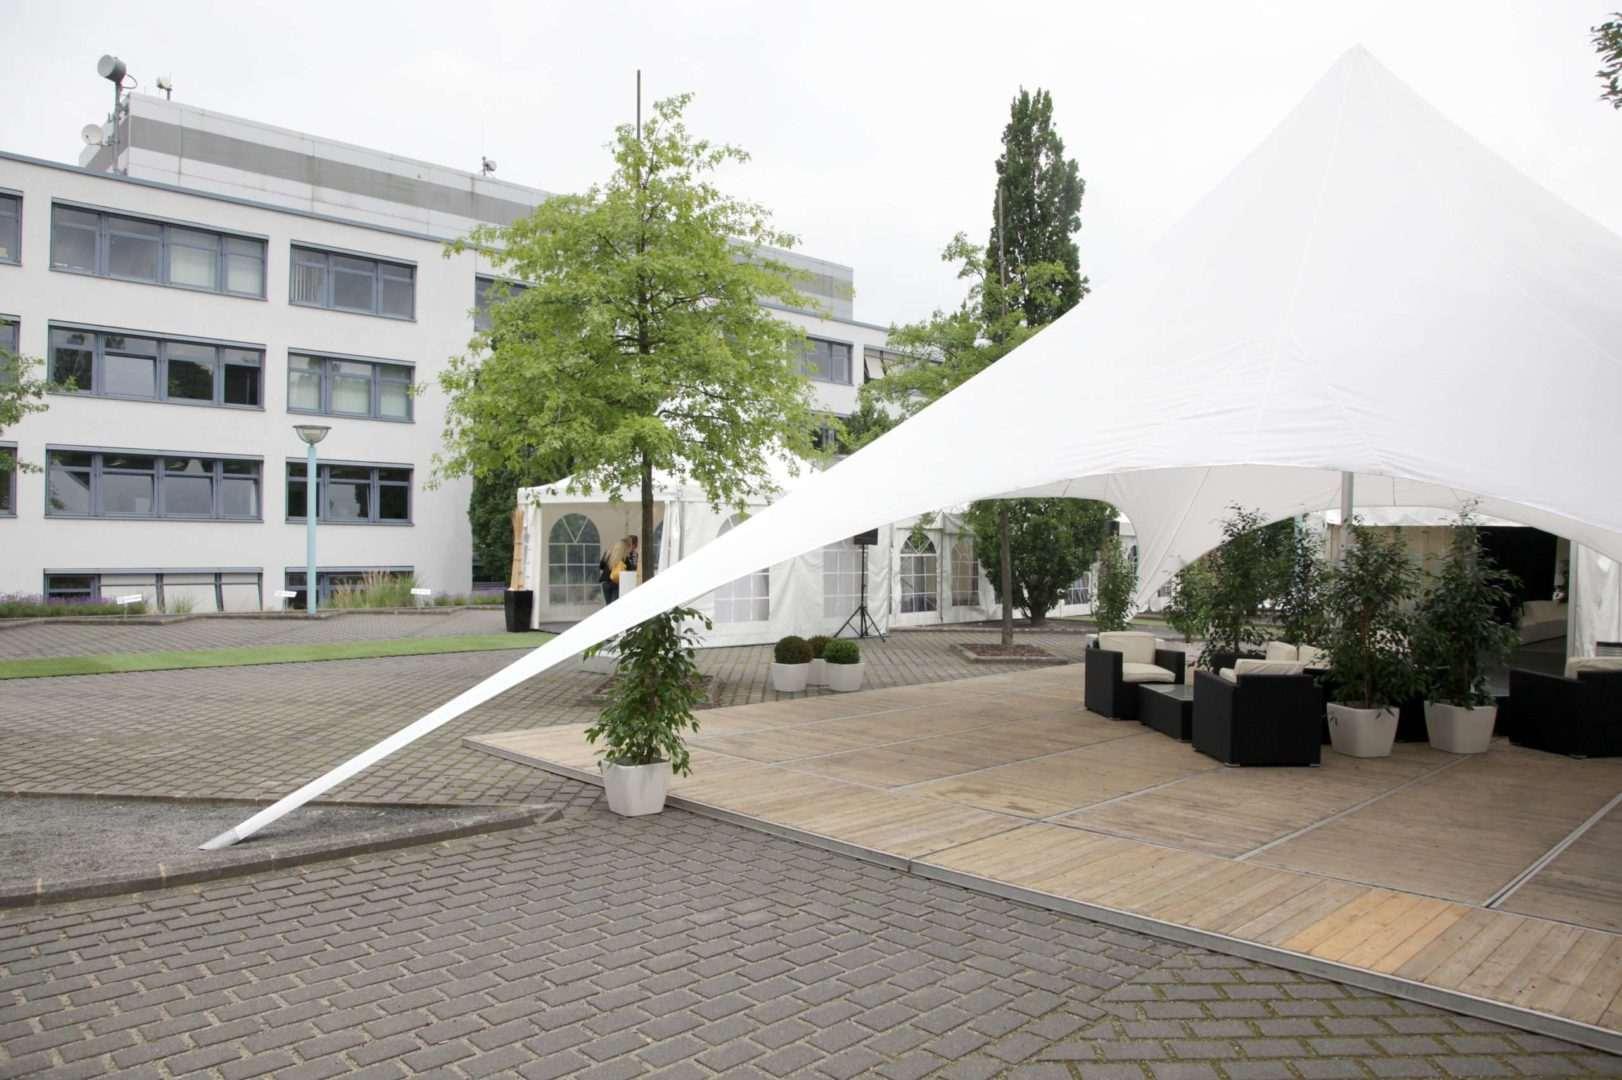 25-ans-euroscript-2009-décoration-extérieur-toile-tendu-évenementiel